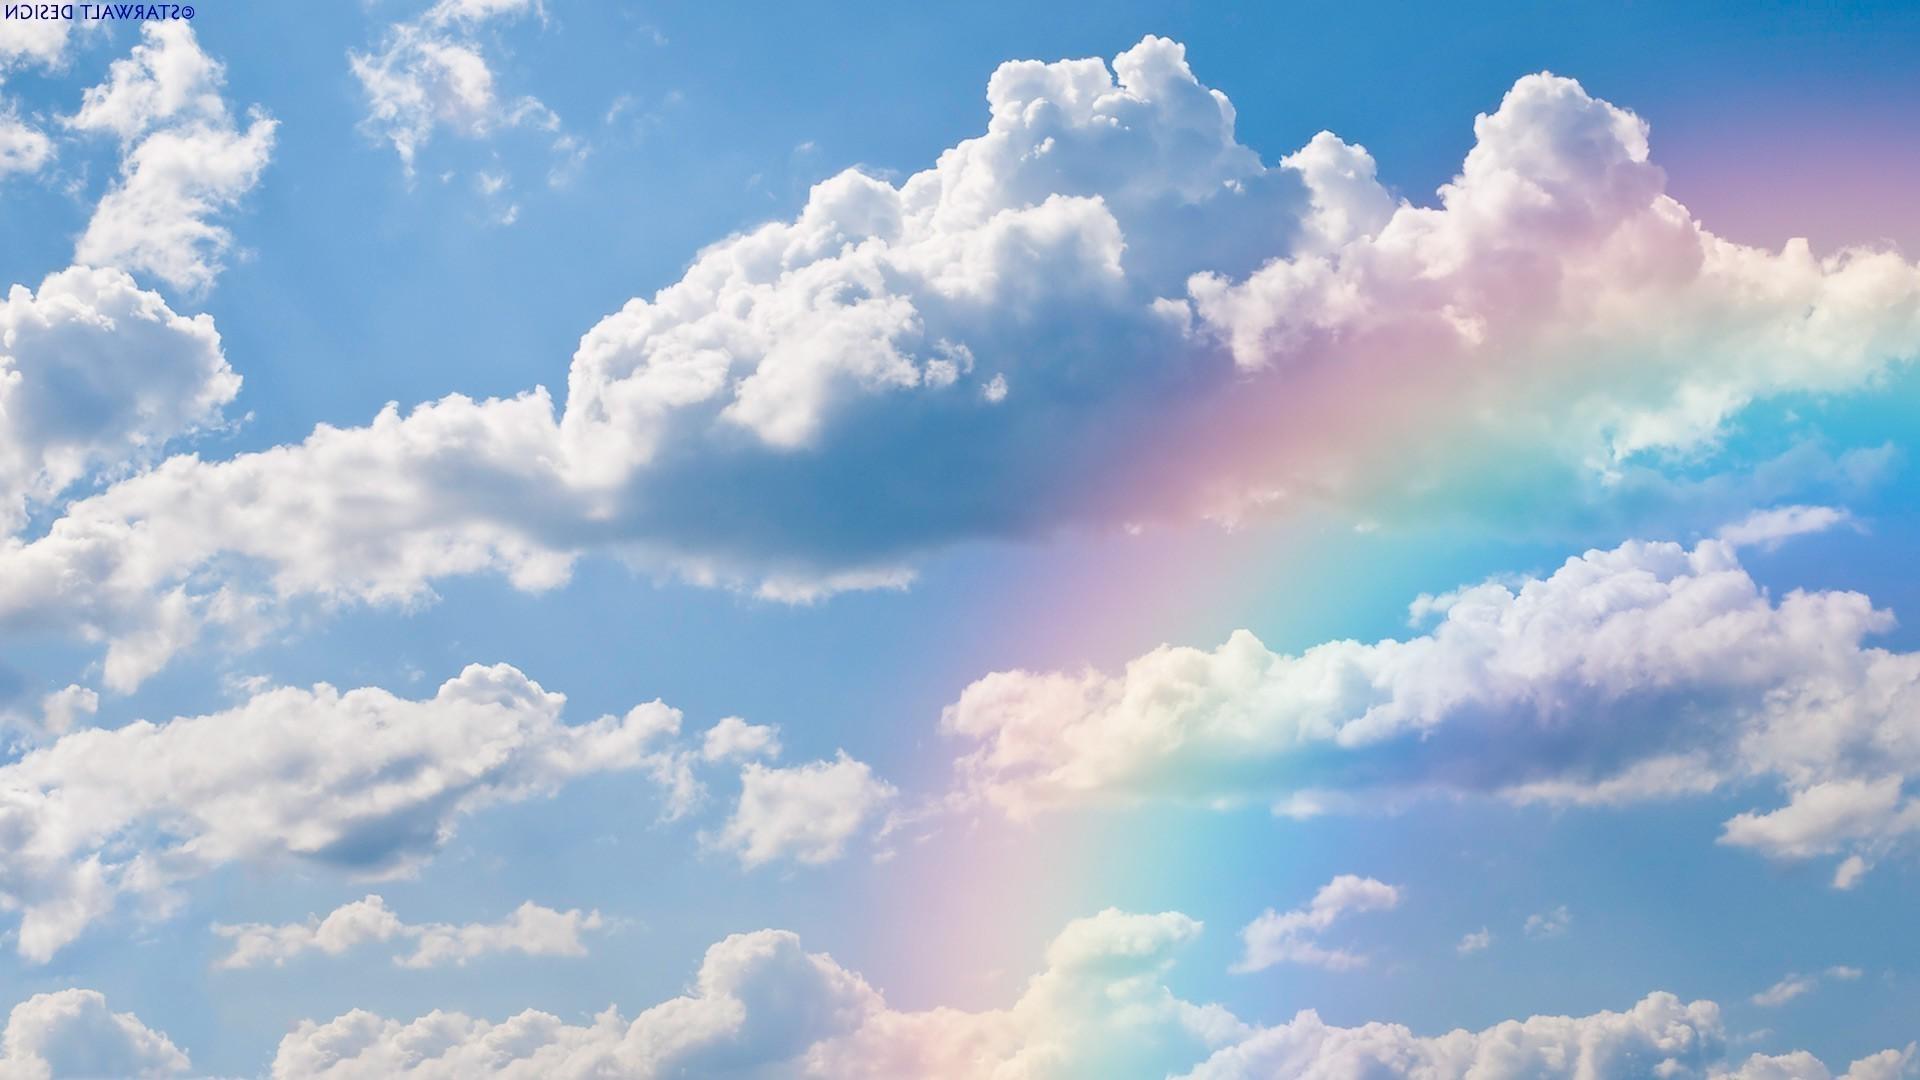 High Resolution Wallpaper   Cloud 1920x1080 px